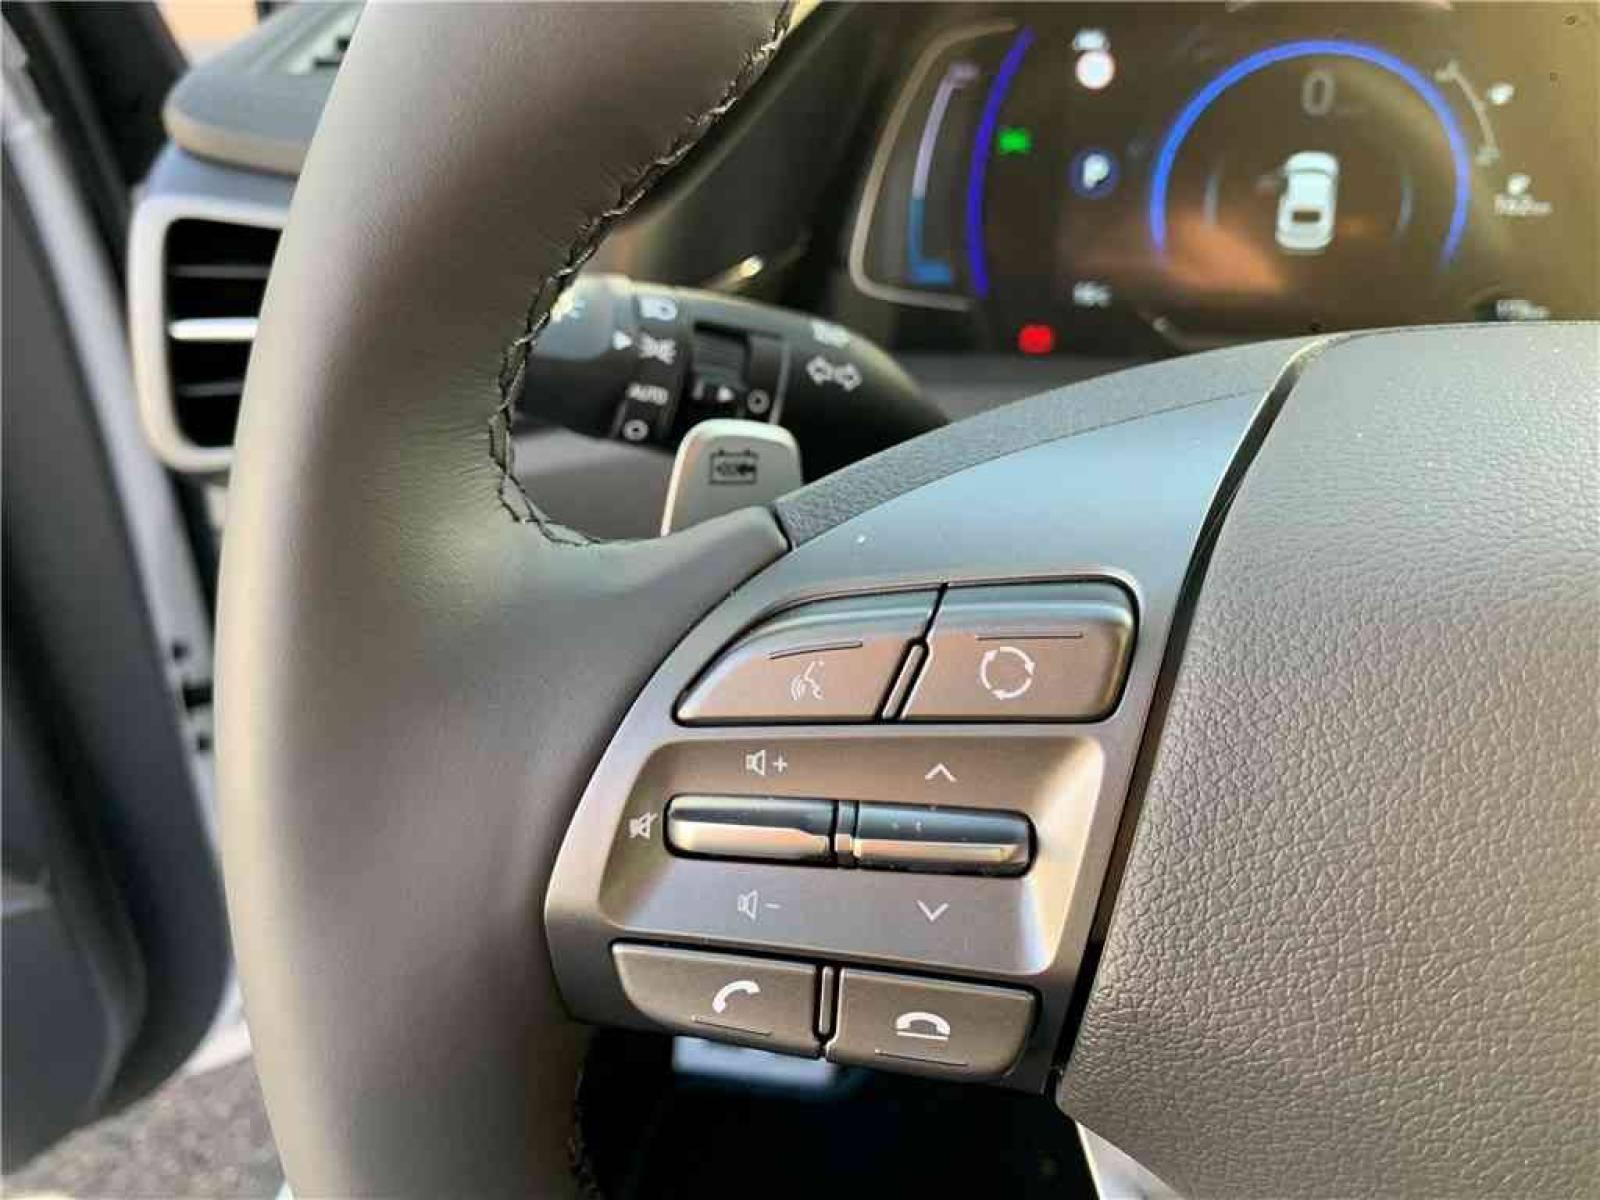 HYUNDAI Ioniq Electric 136 ch - véhicule d'occasion - Groupe Guillet - Chalon Automobiles - 71100 - Chalon-sur-Saône - 36